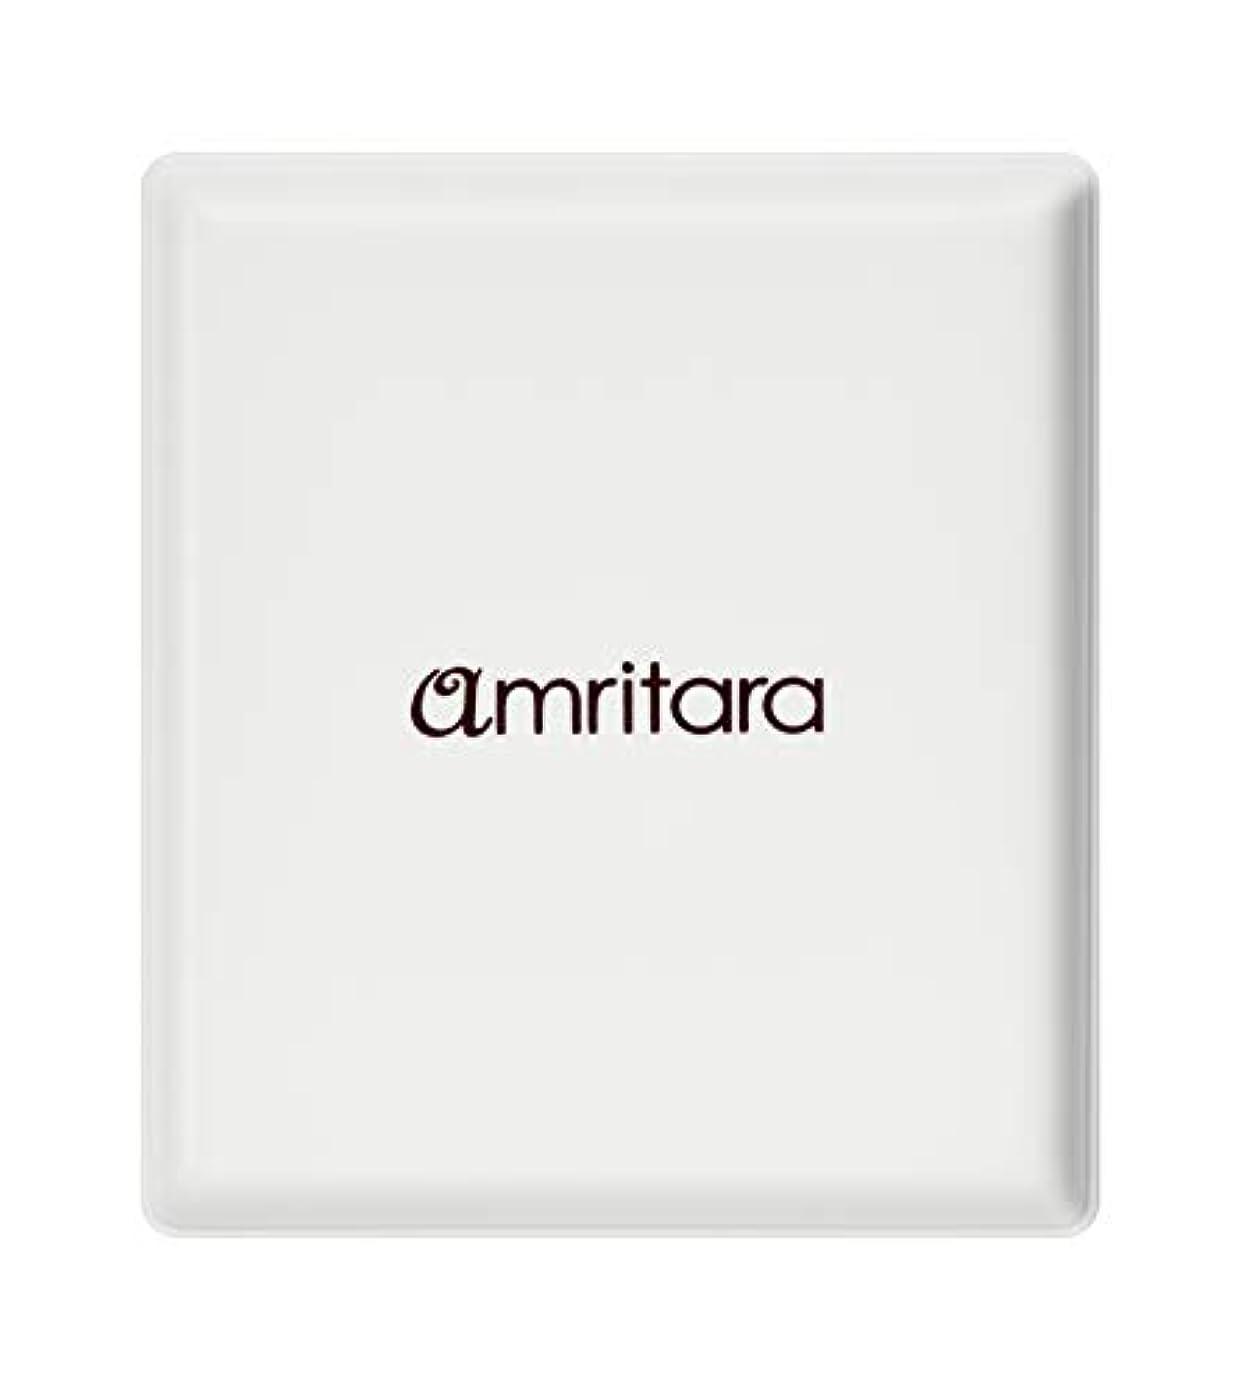 横氷建築アムリターラ(amritara) ハイビスカスチーク パウダリー コンパクトケース 20g